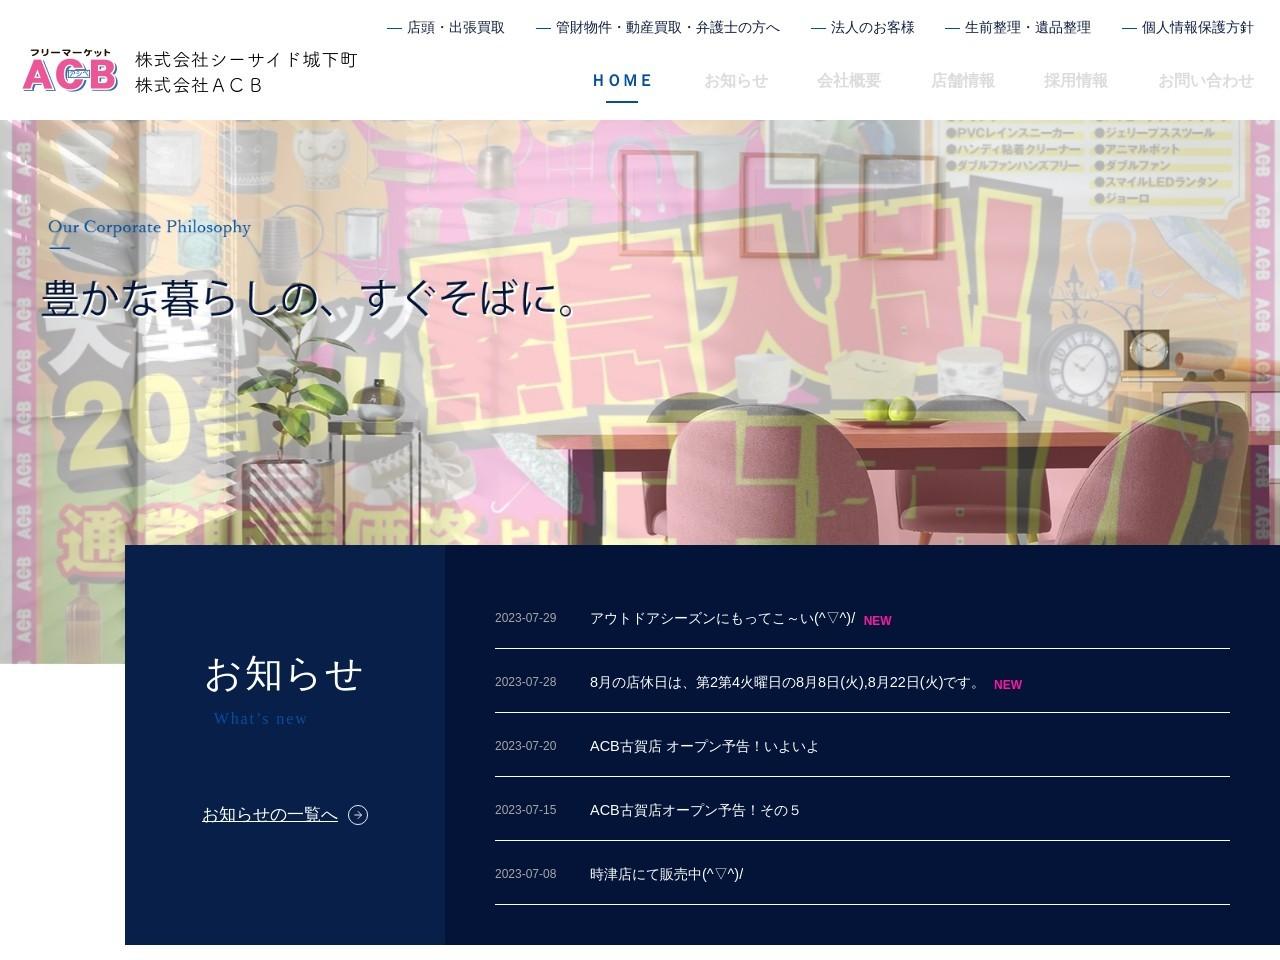 フリーマーケット ACB | 長崎 福岡のリサイクル ショップ 中古品、アウトレット品、家電、家具、倒産品、管財物件、売れる物なら何でも売ります買います。